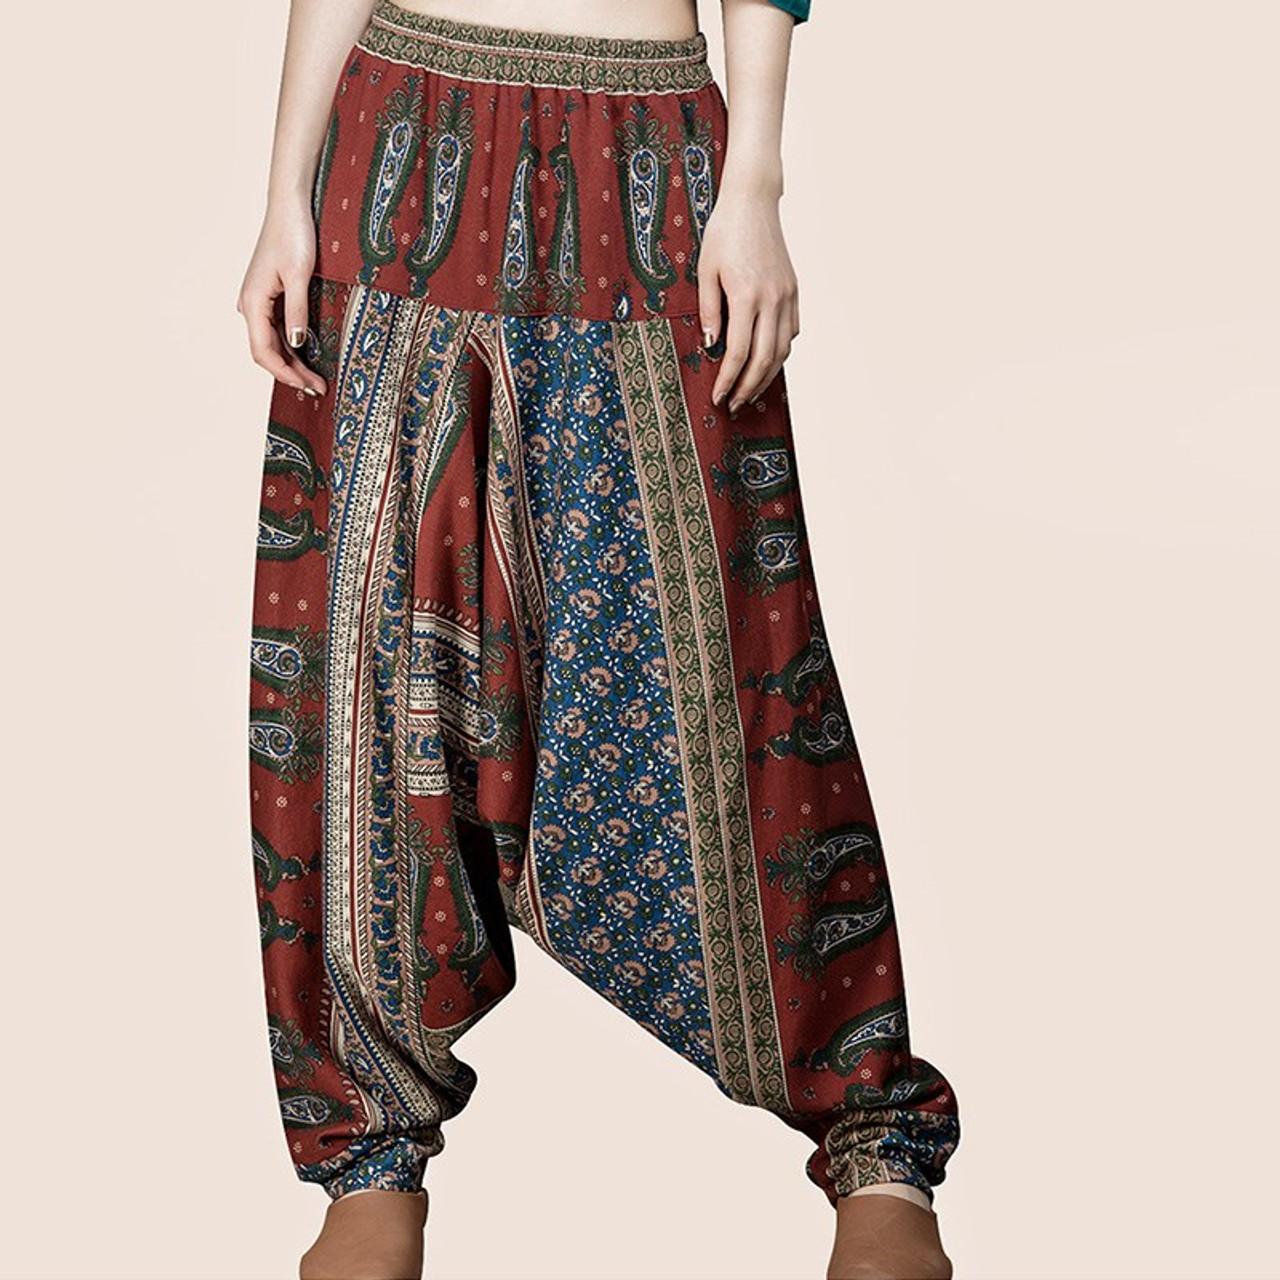 b95b2bd2803 CELMIA Vintage Baggy High Elastic Waist Drop-Crotch Pantalons Women Retro  Leisure Ethnic Printed Cotton Linen Long Harem Pants - OnshopDeals.Com